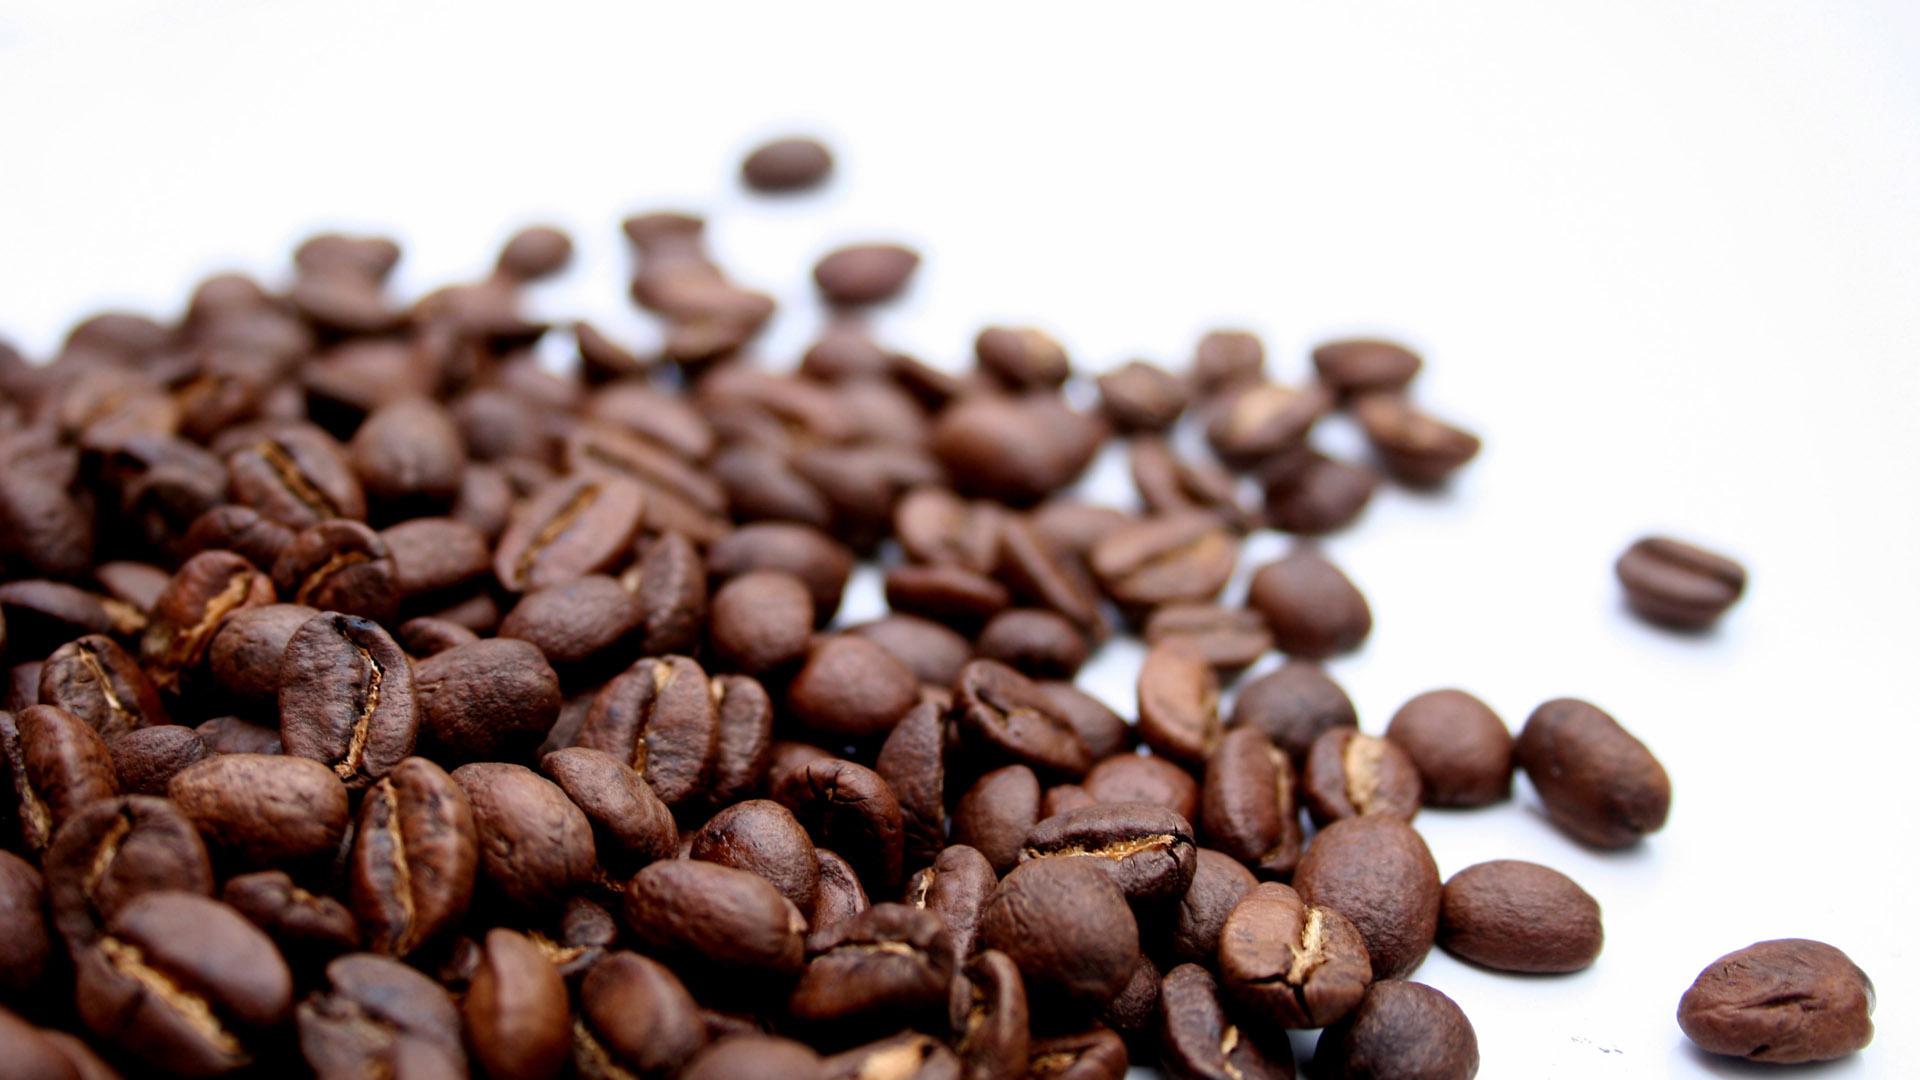 wonderful-coffee-beans-wallpaper-42412-43415-hd-wallpapers.jpg